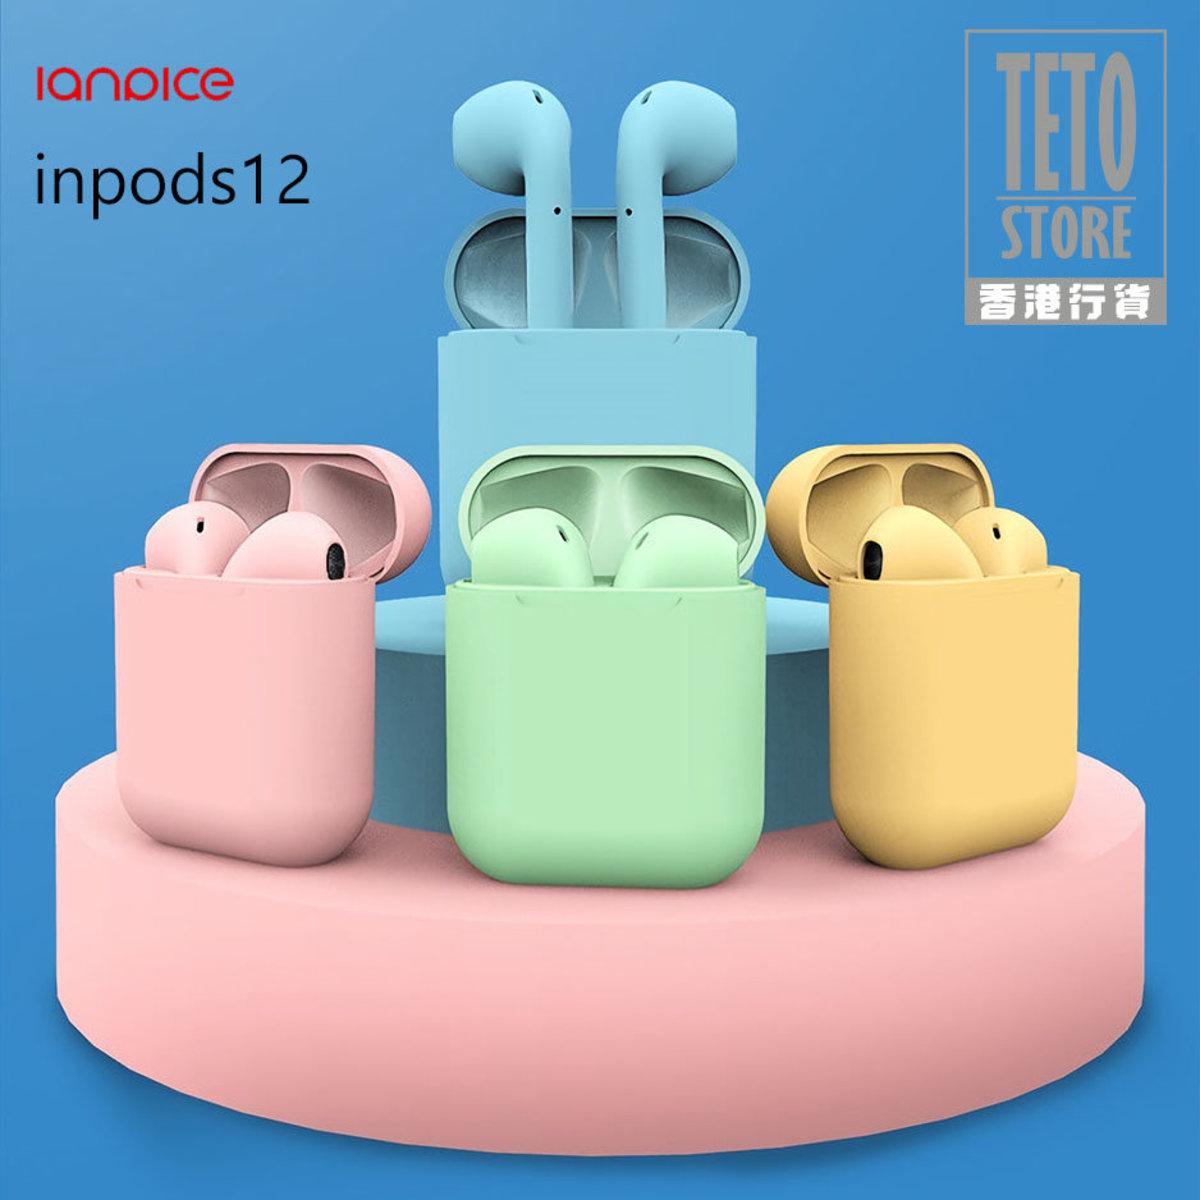 Lanpice inPods12 真無線藍牙5.0耳機